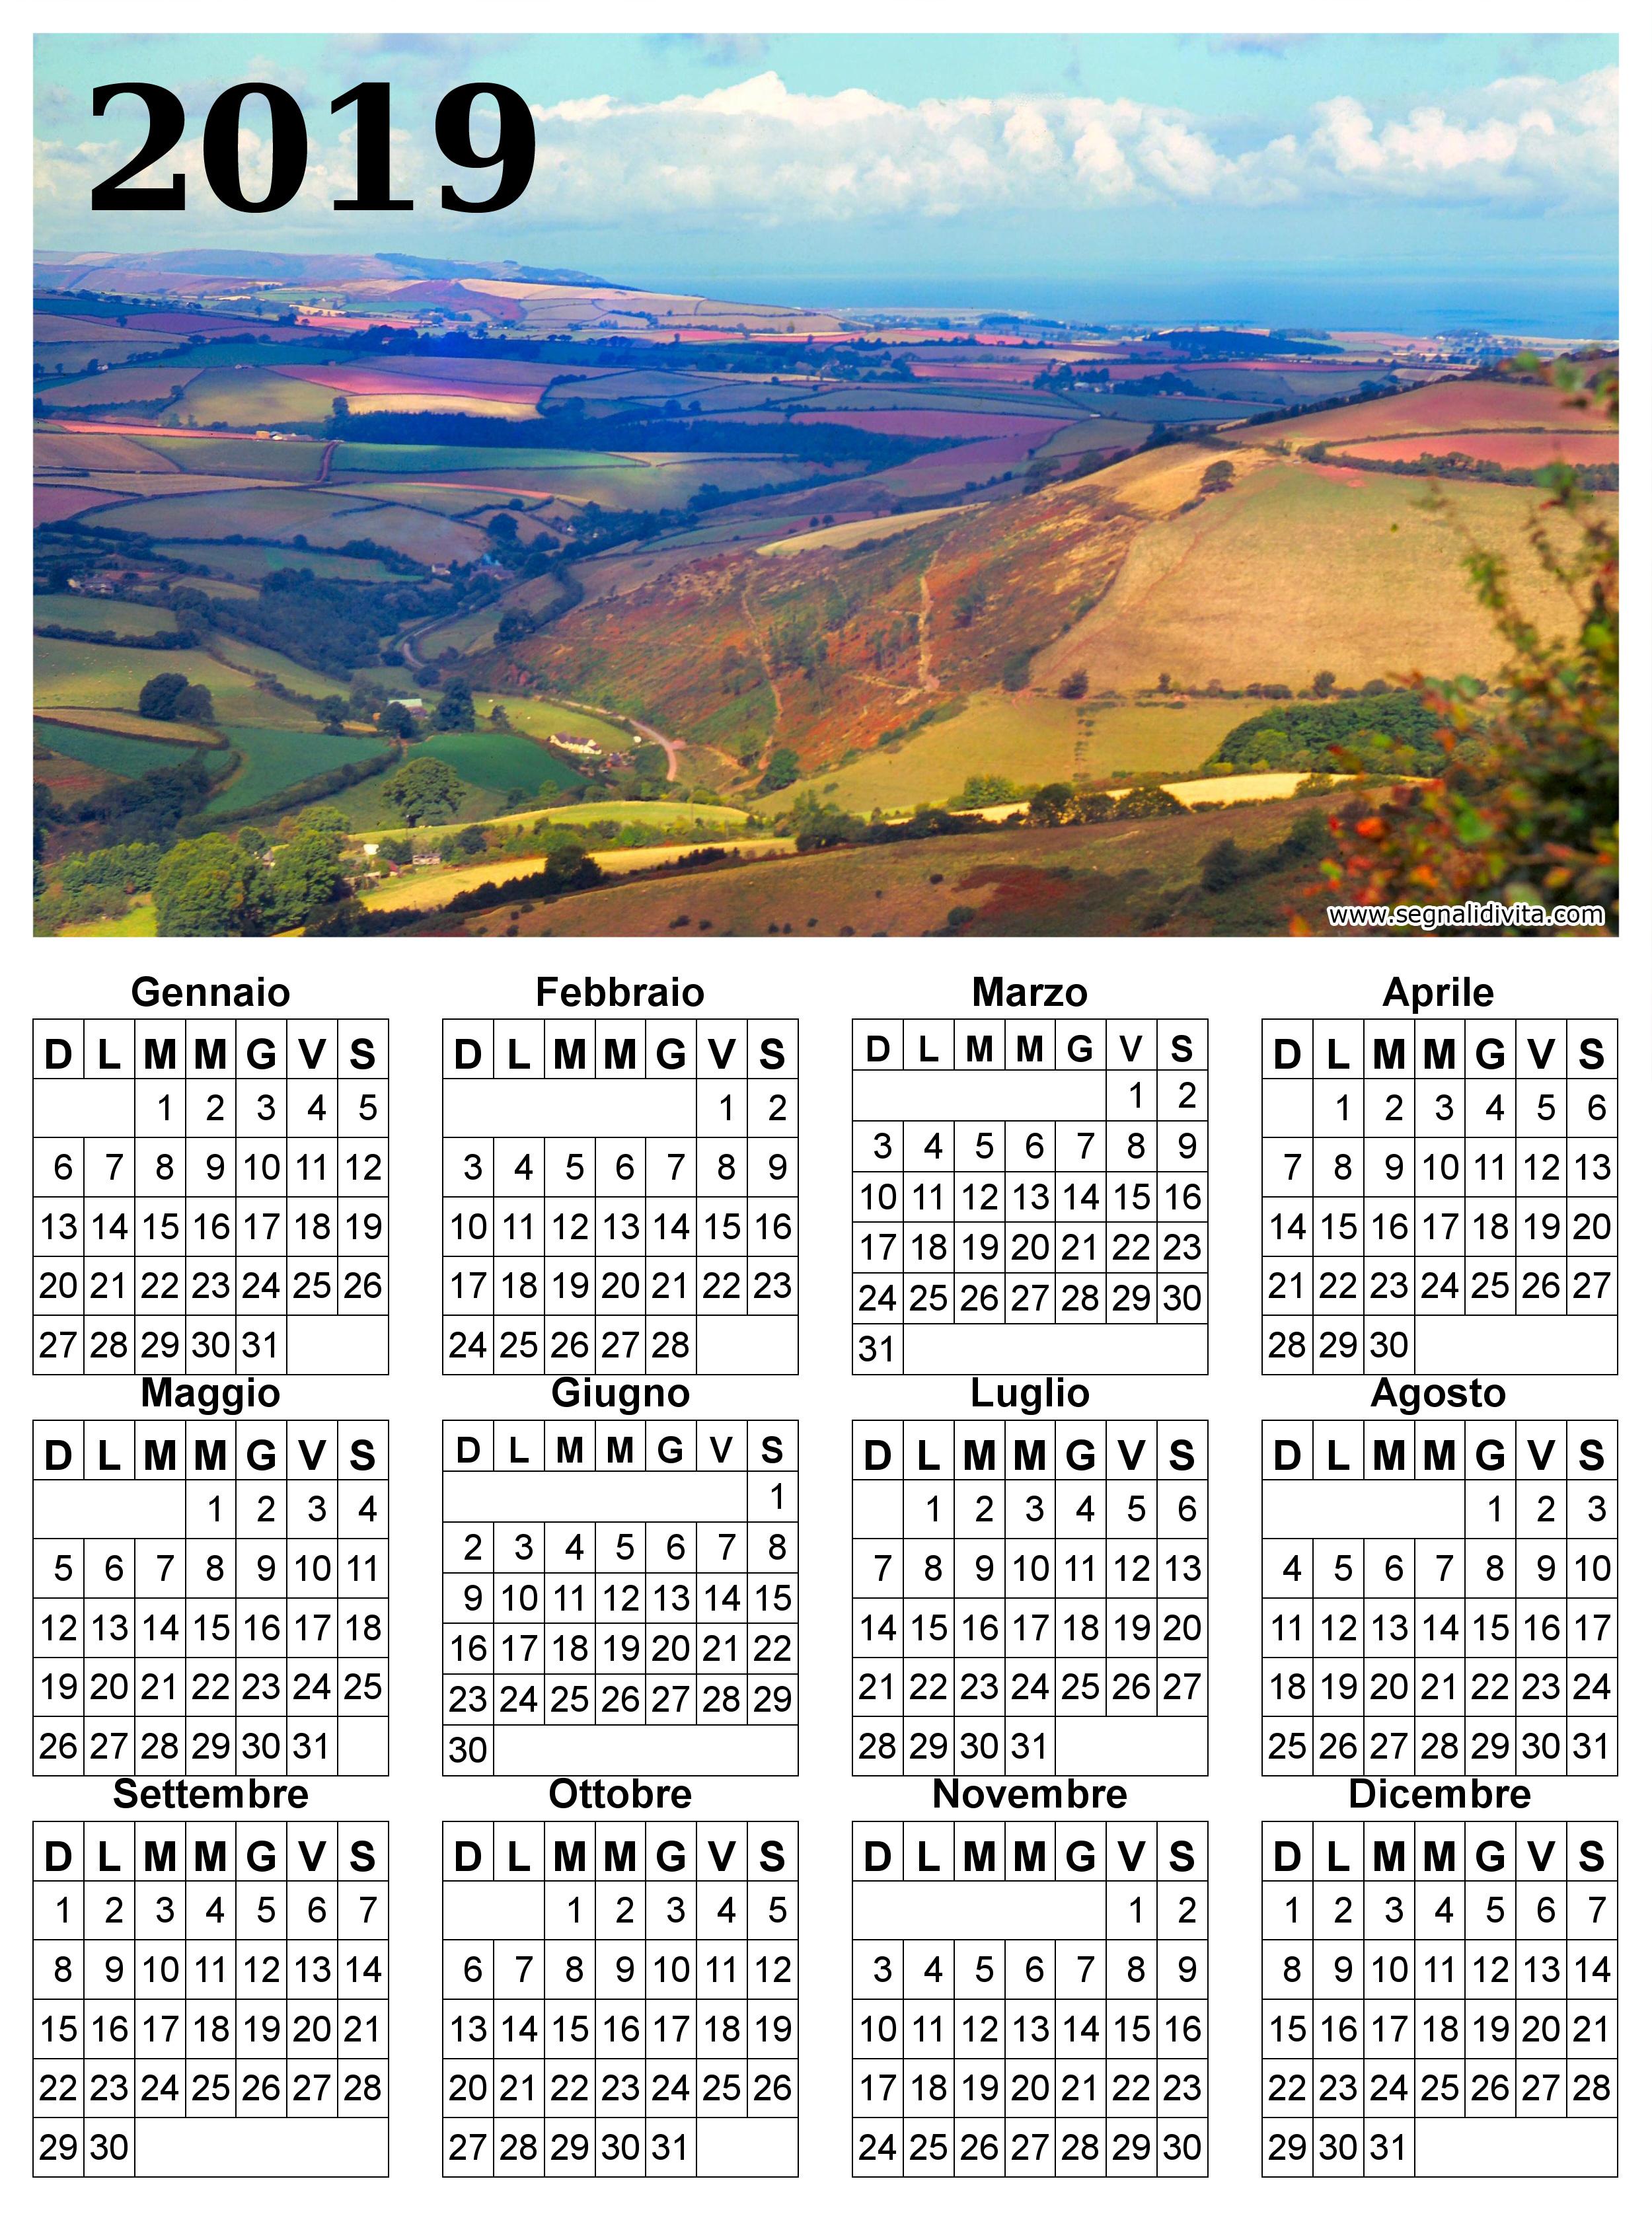 Calendario Panorama.Calendario Con Panorama Del 2019 Calendari Da Scaricare Gratis